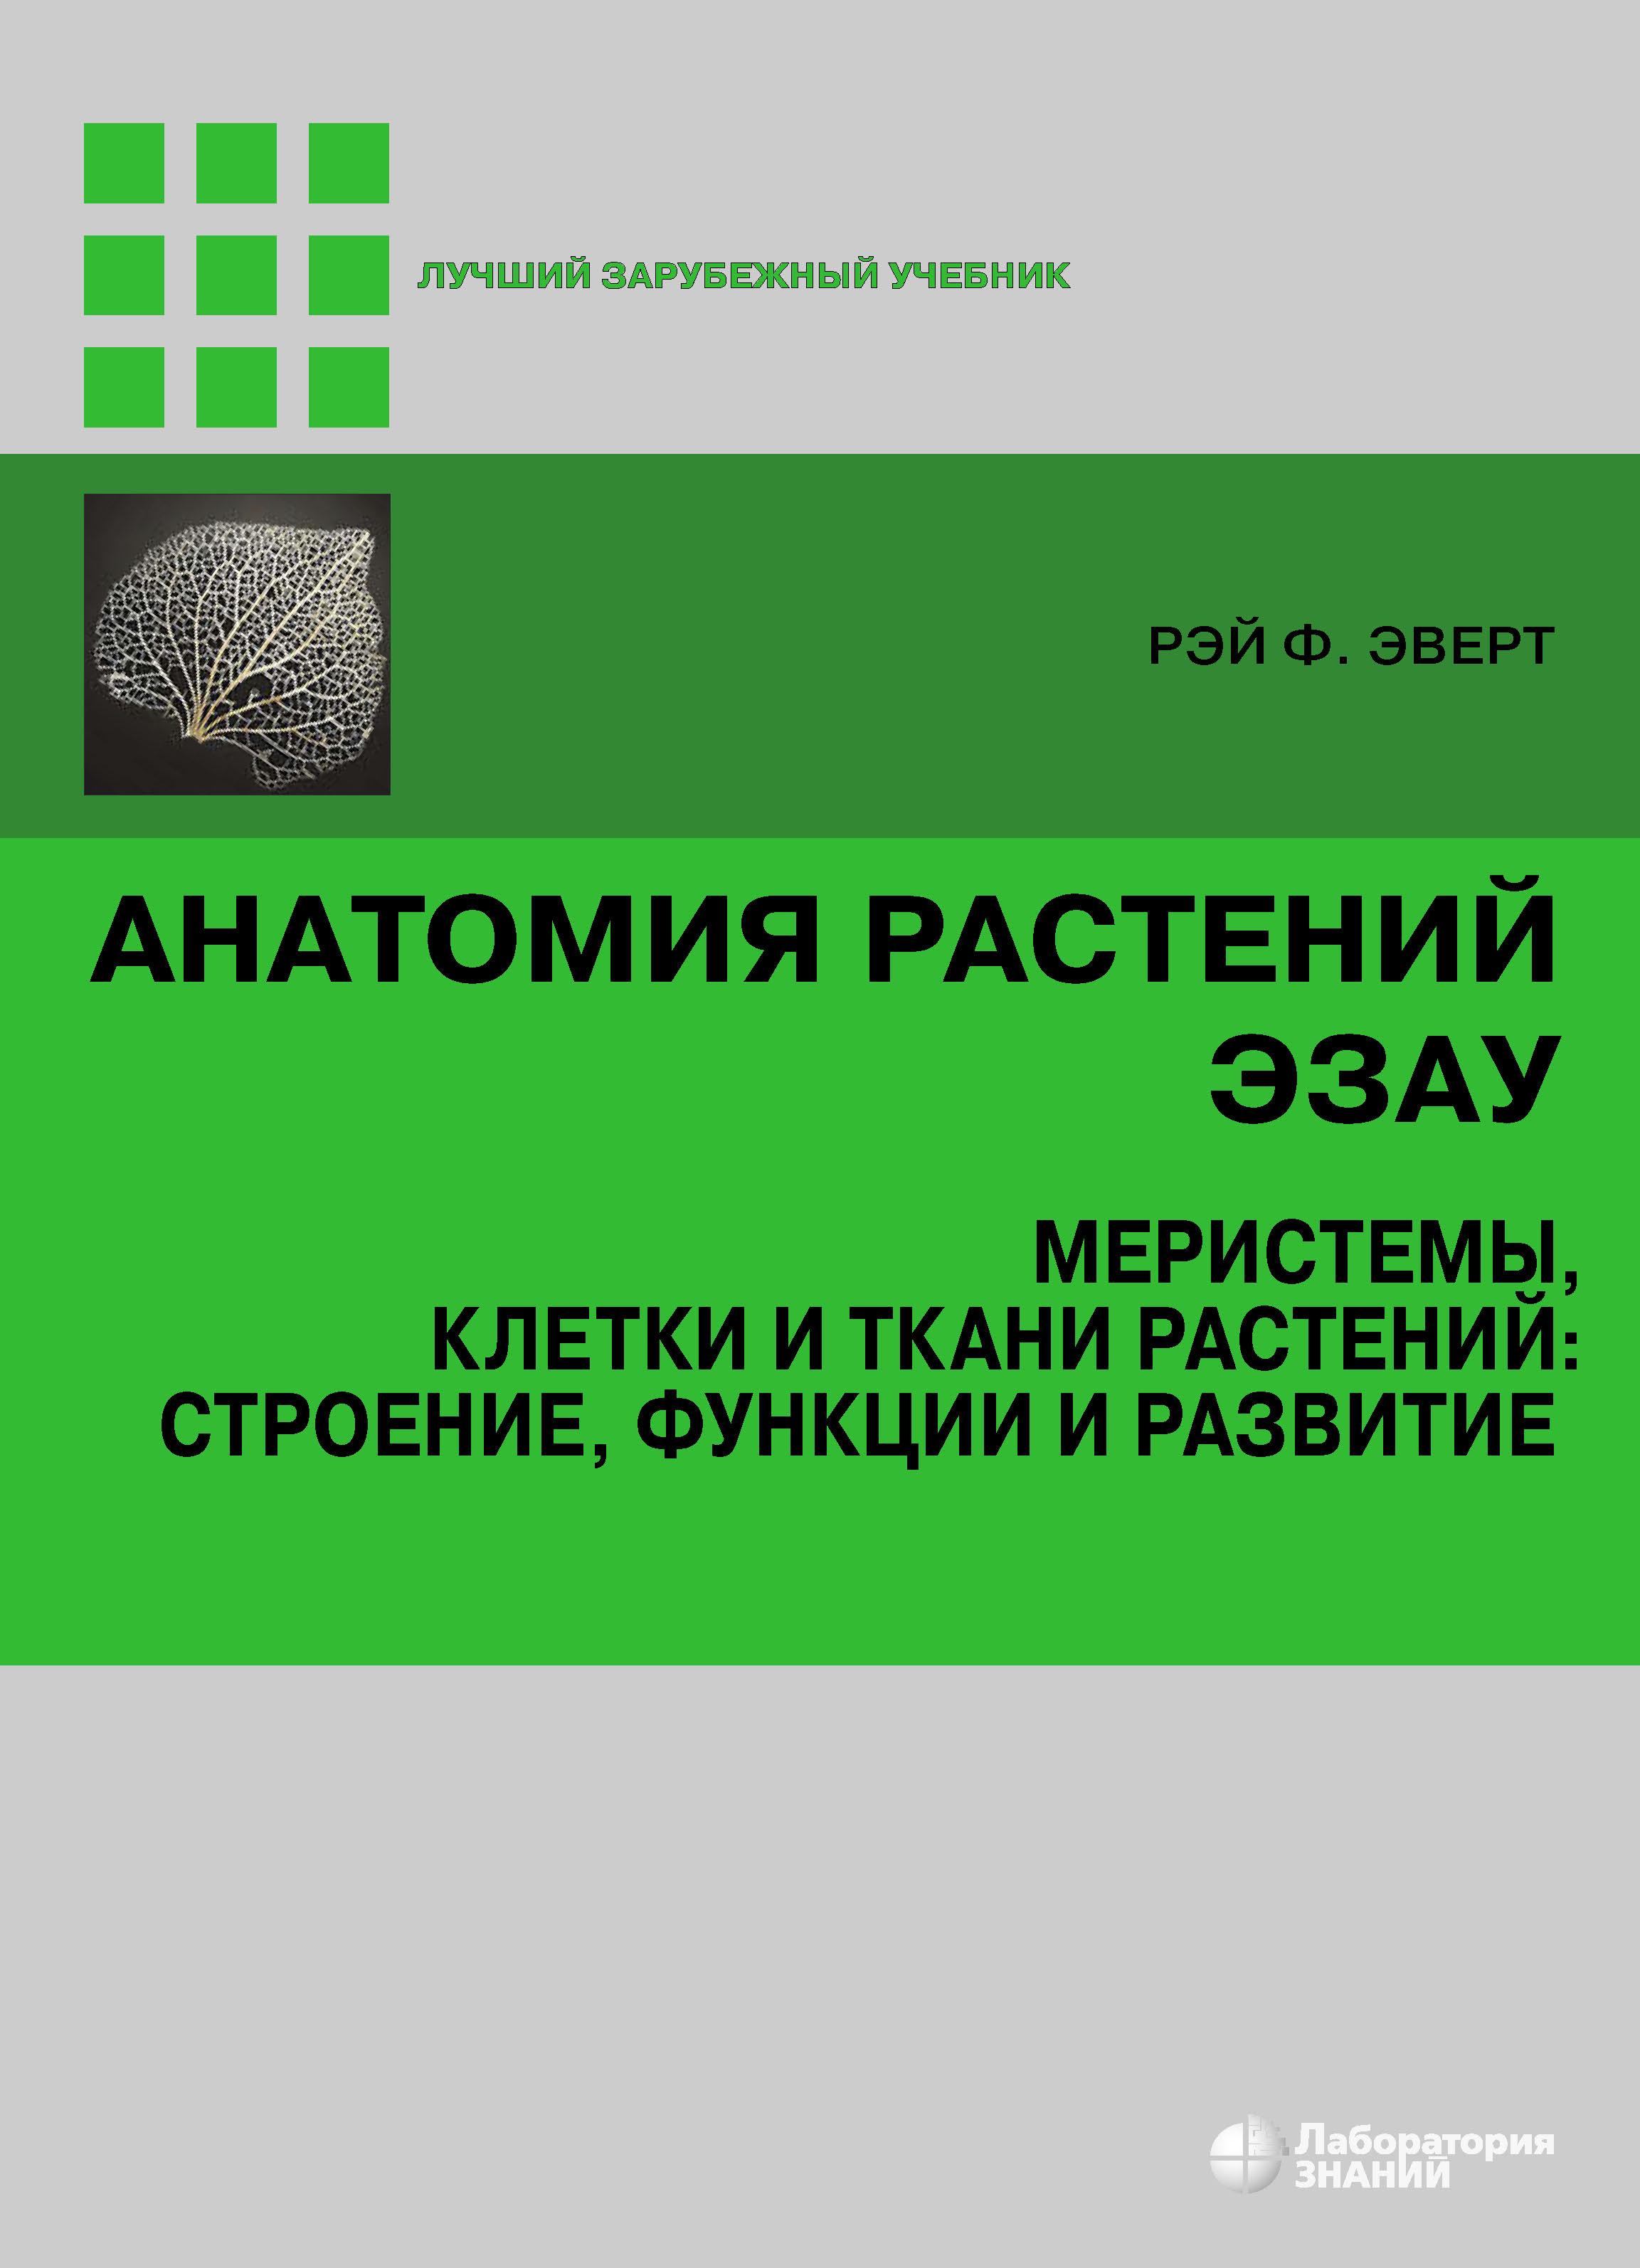 Рэй Ф. Эверт Анатомия растений Эзау. Меристемы, клетки и ткани растений: строение, функции и развитие для тела высших растений характерно строение листостебельное